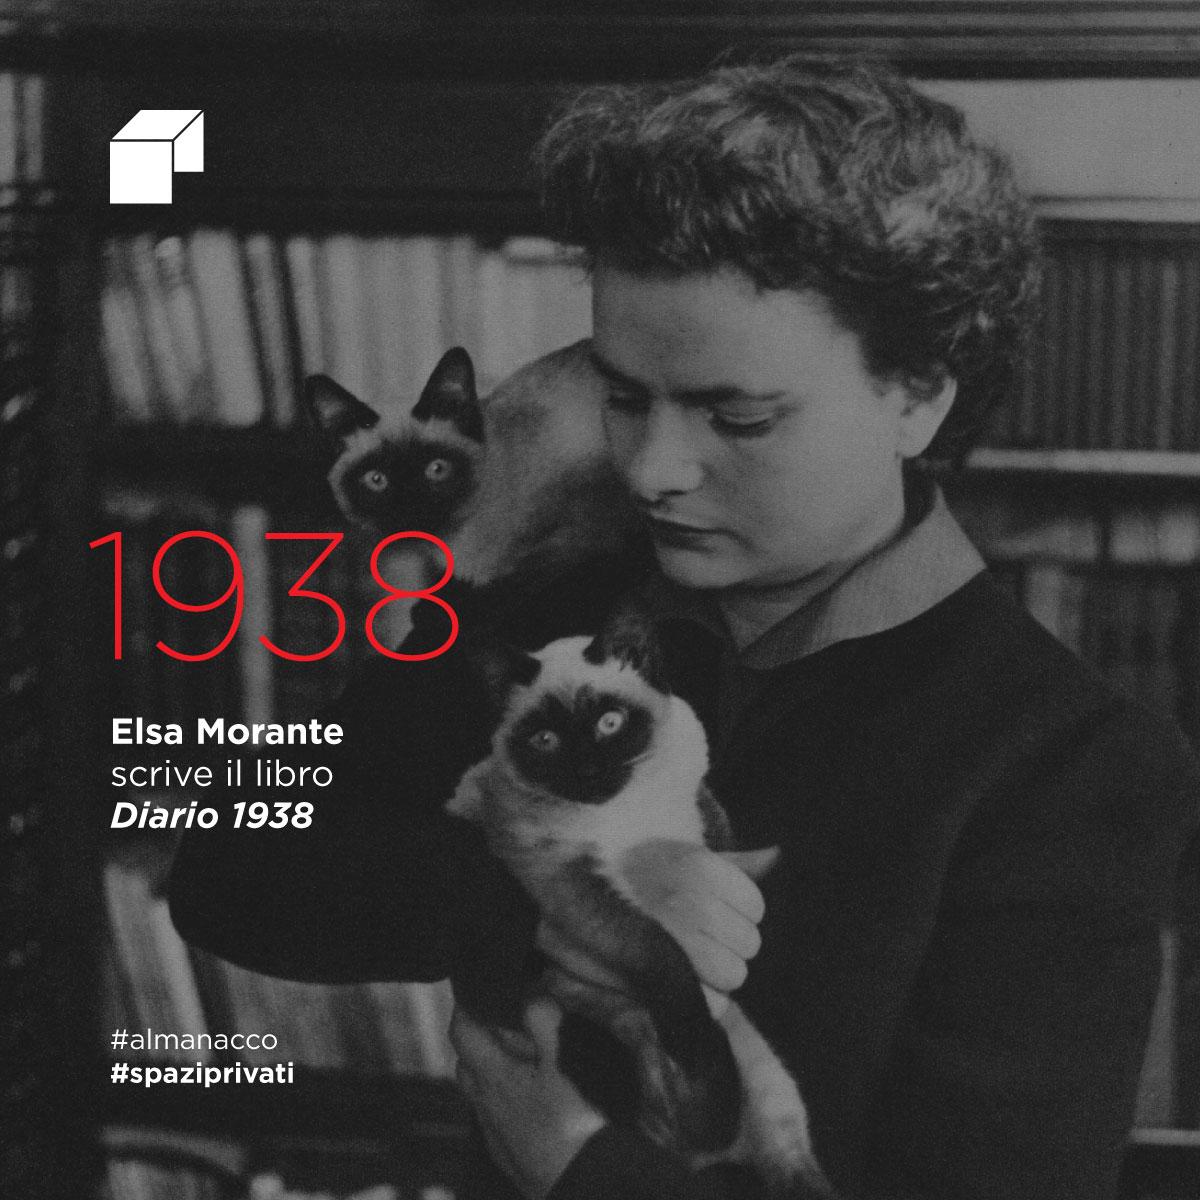 Elsa Morante scrive il libro Diario 1938